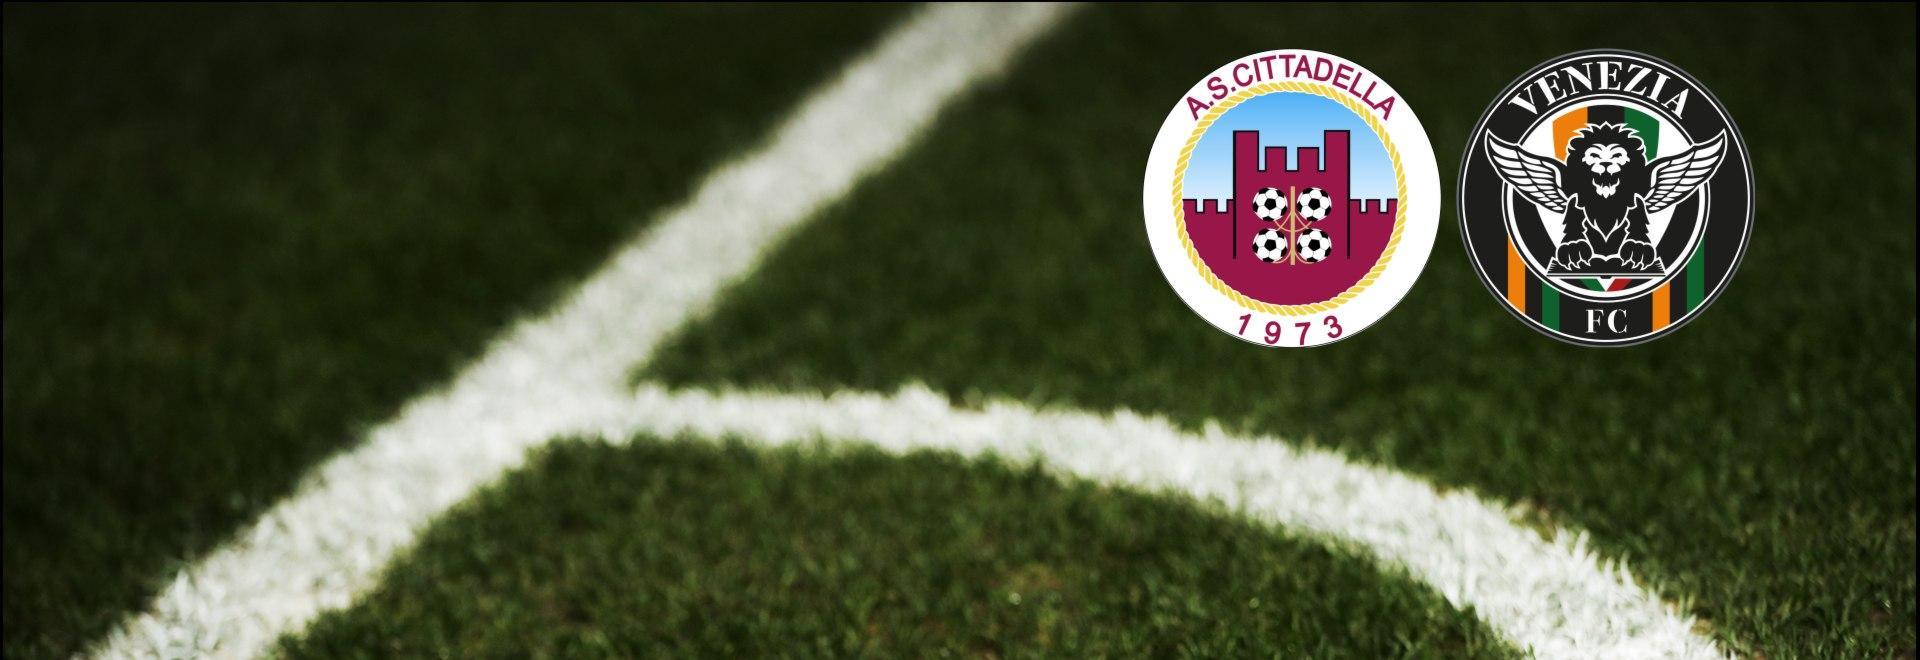 Cittadella - Venezia. Playoff Finale Andata